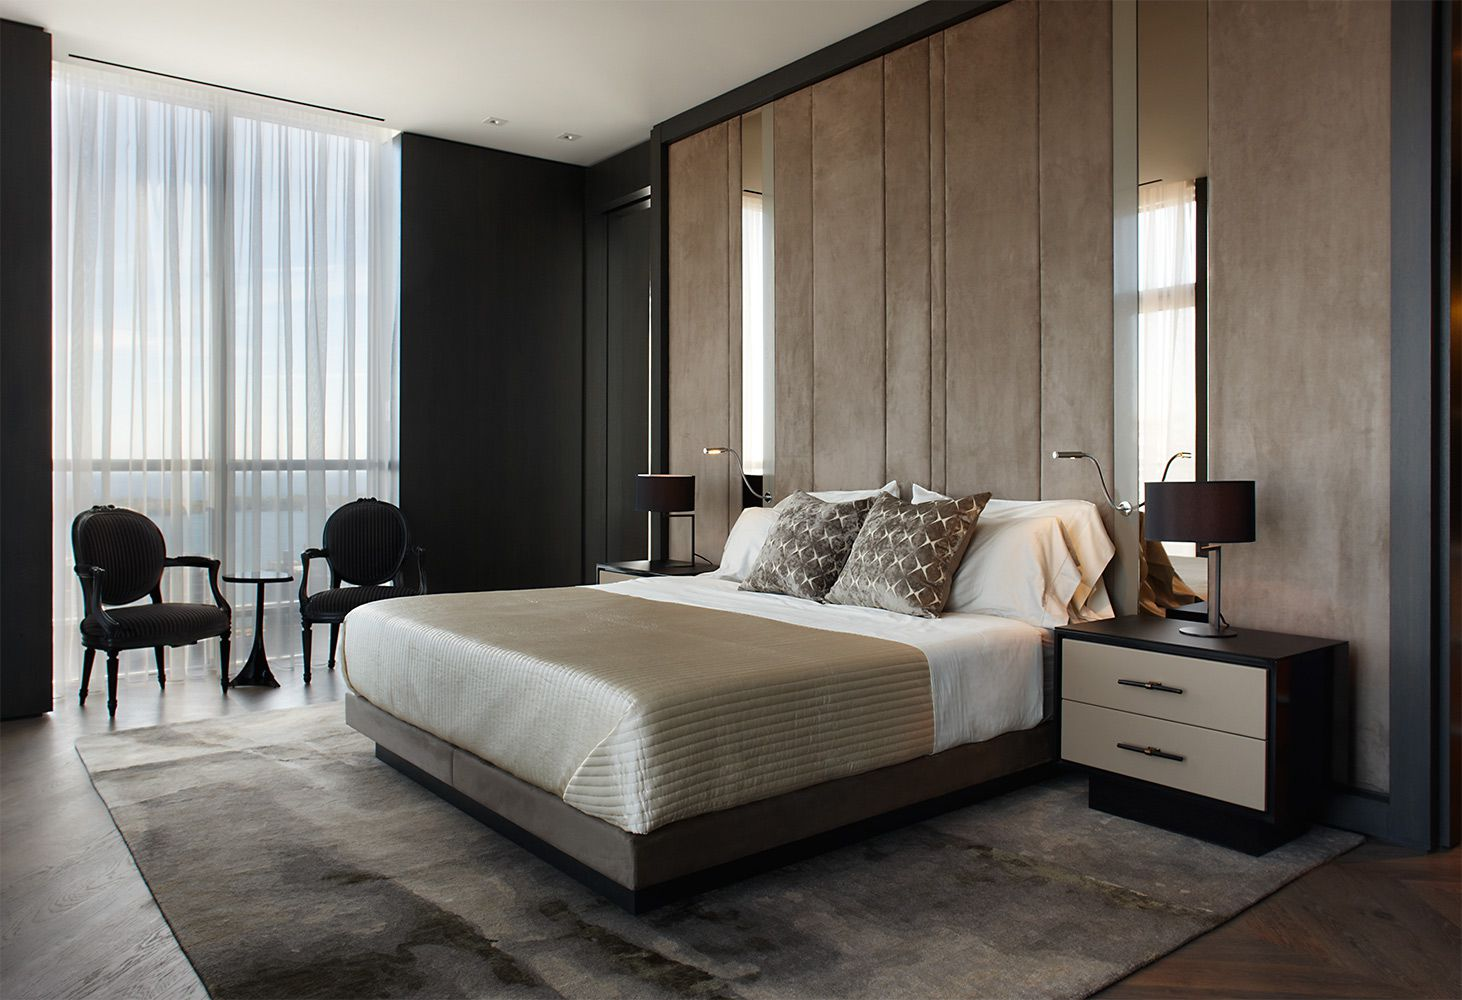 Studio-Munge-Esplanade-master-bedroom